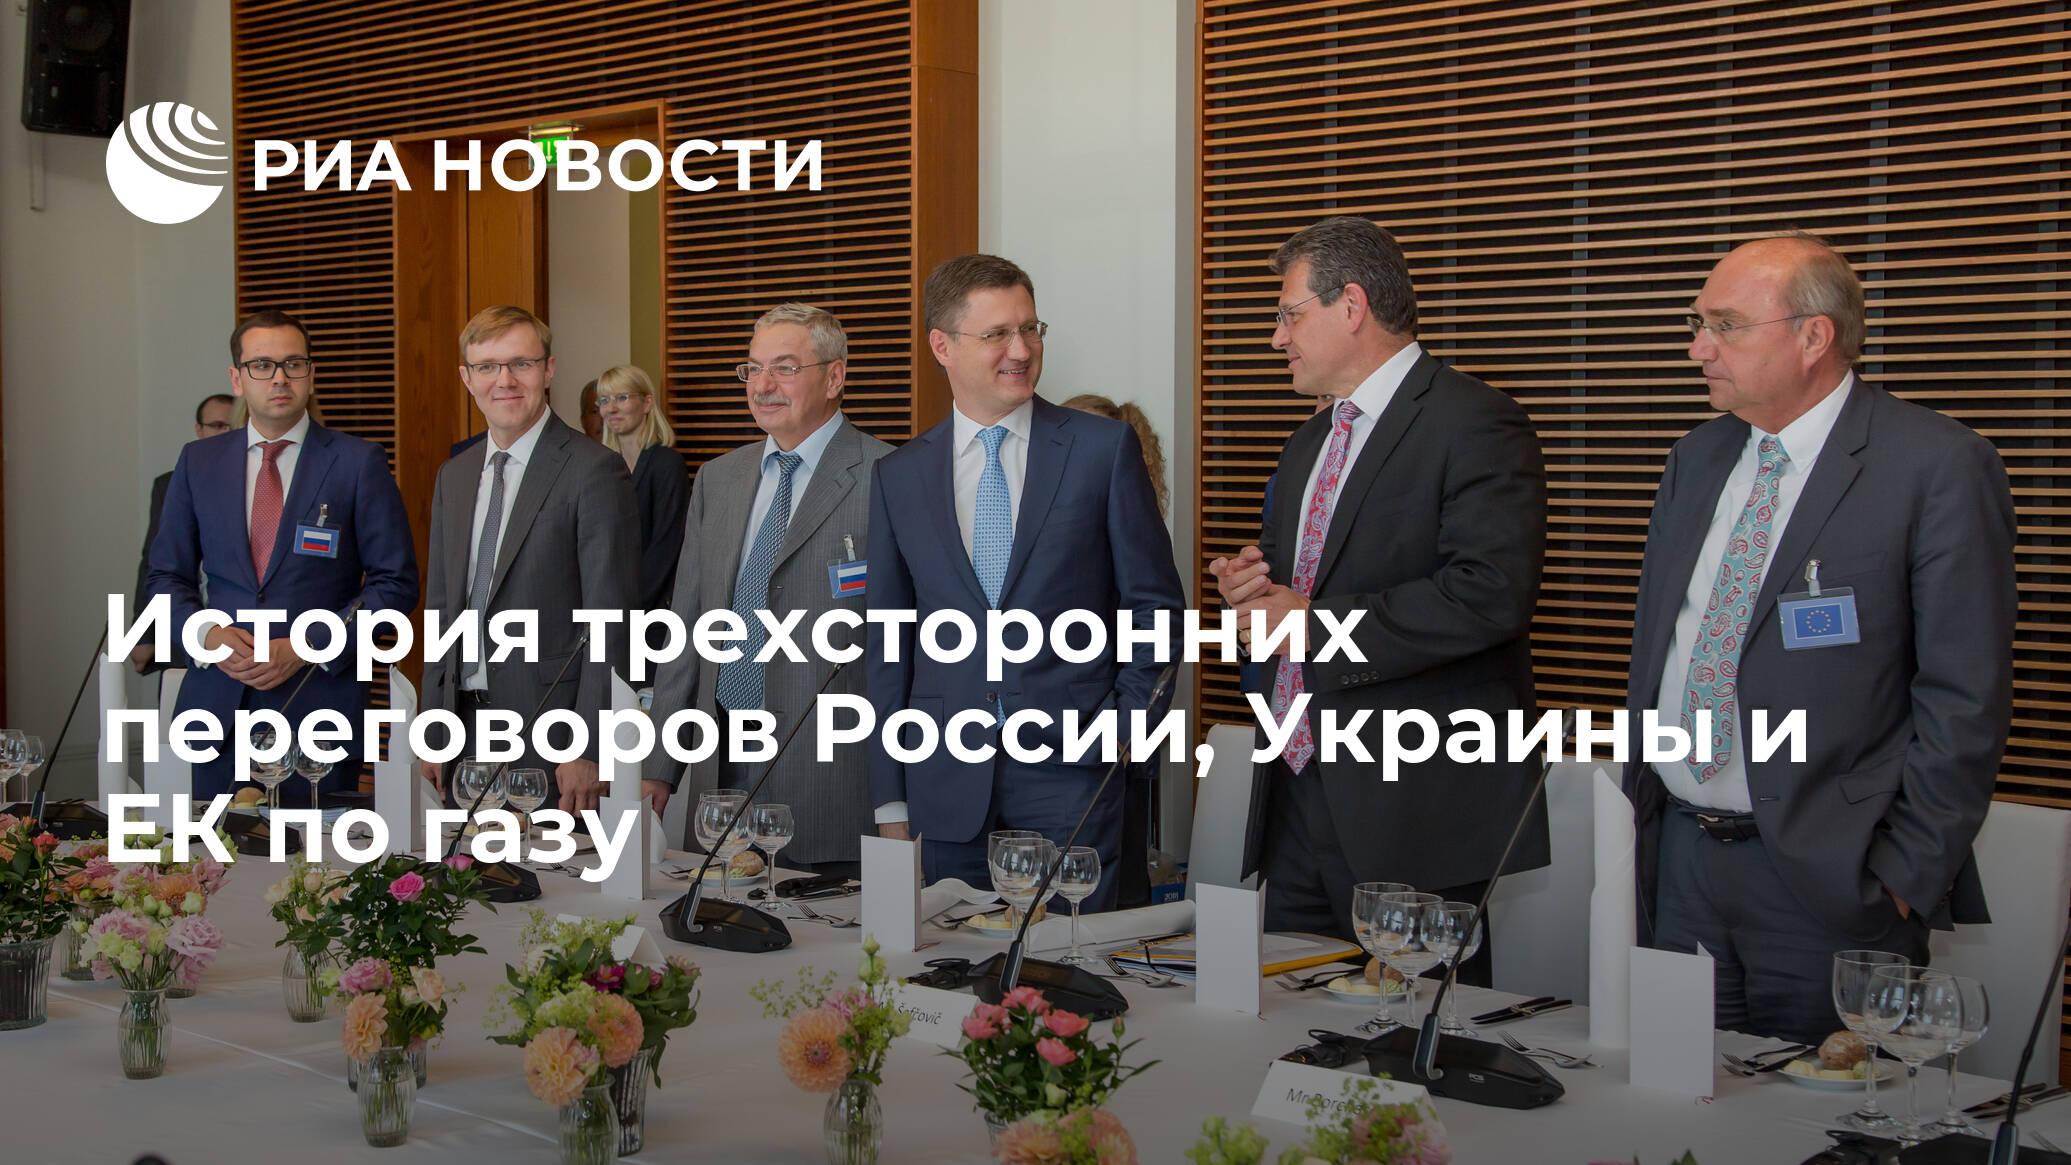 История трехсторонних переговоров России, Украины и ЕК по газу